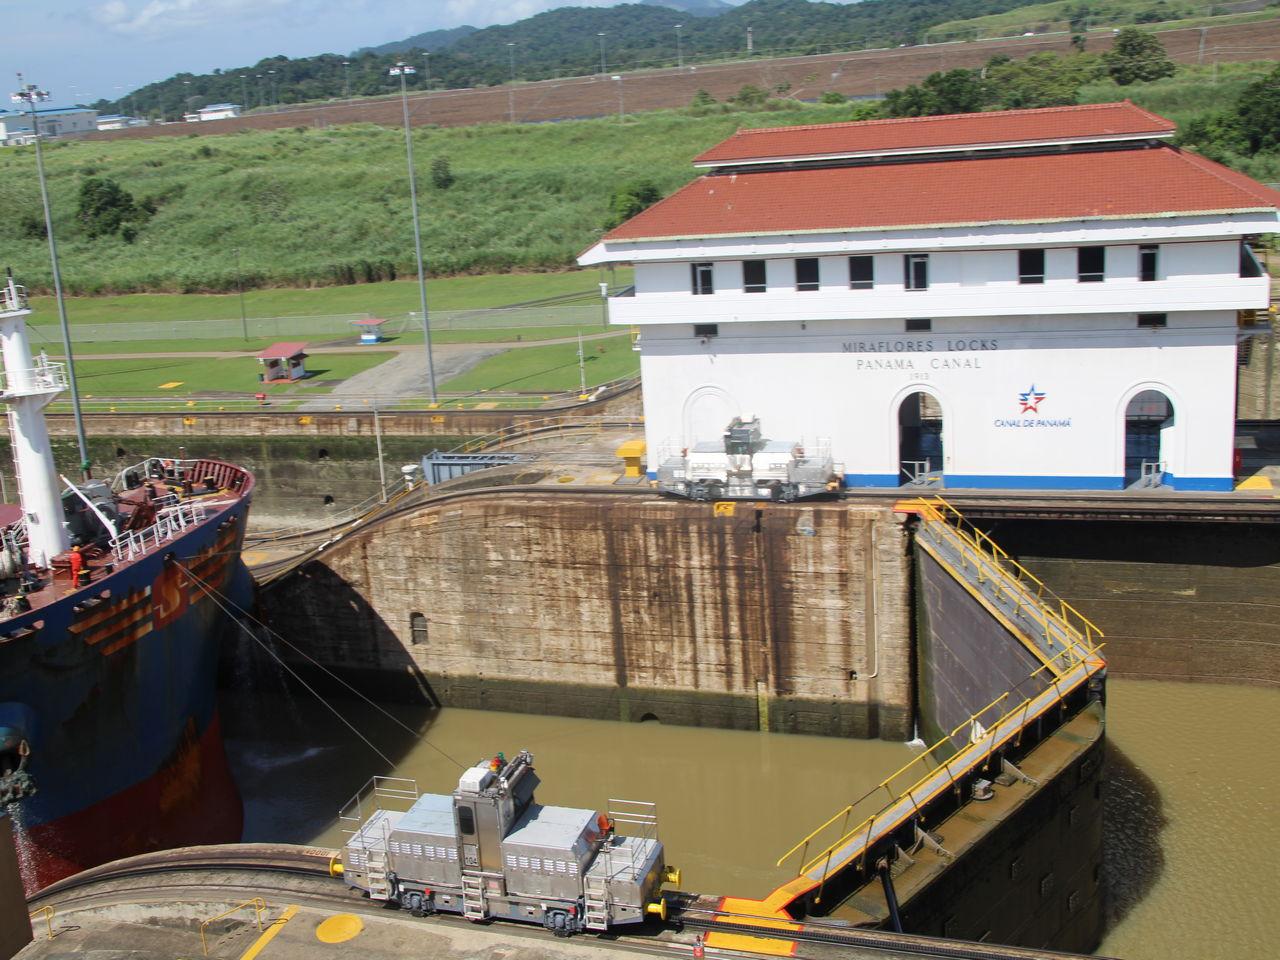 Cómo funciona el Canal de Panamá: el sistema de llenado por gravedad va compensando la altura del nivel del agua.